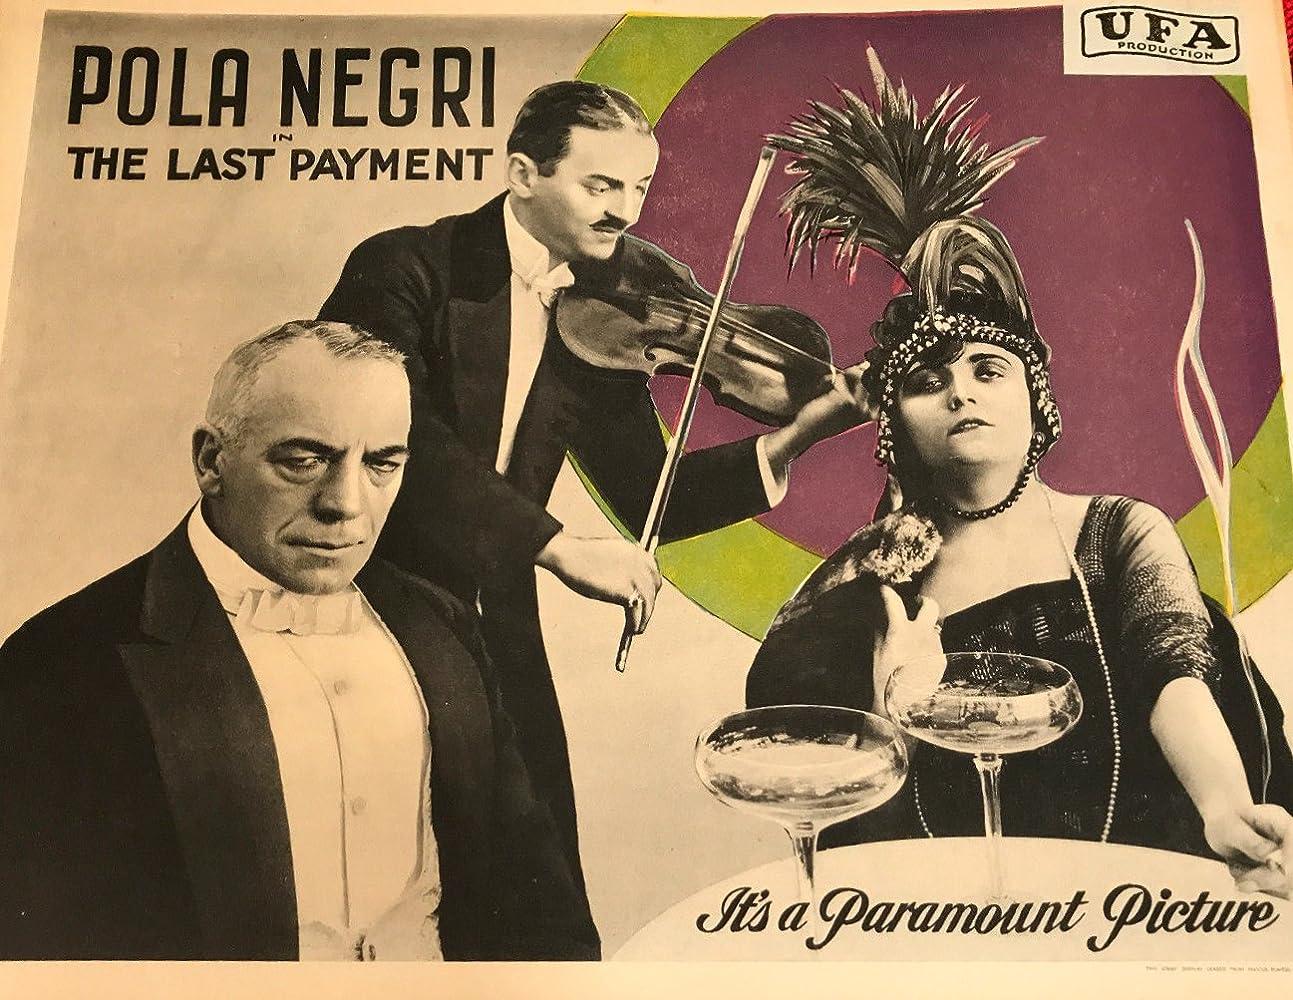 Pola Negri in Das Karussell des Lebens (1919)